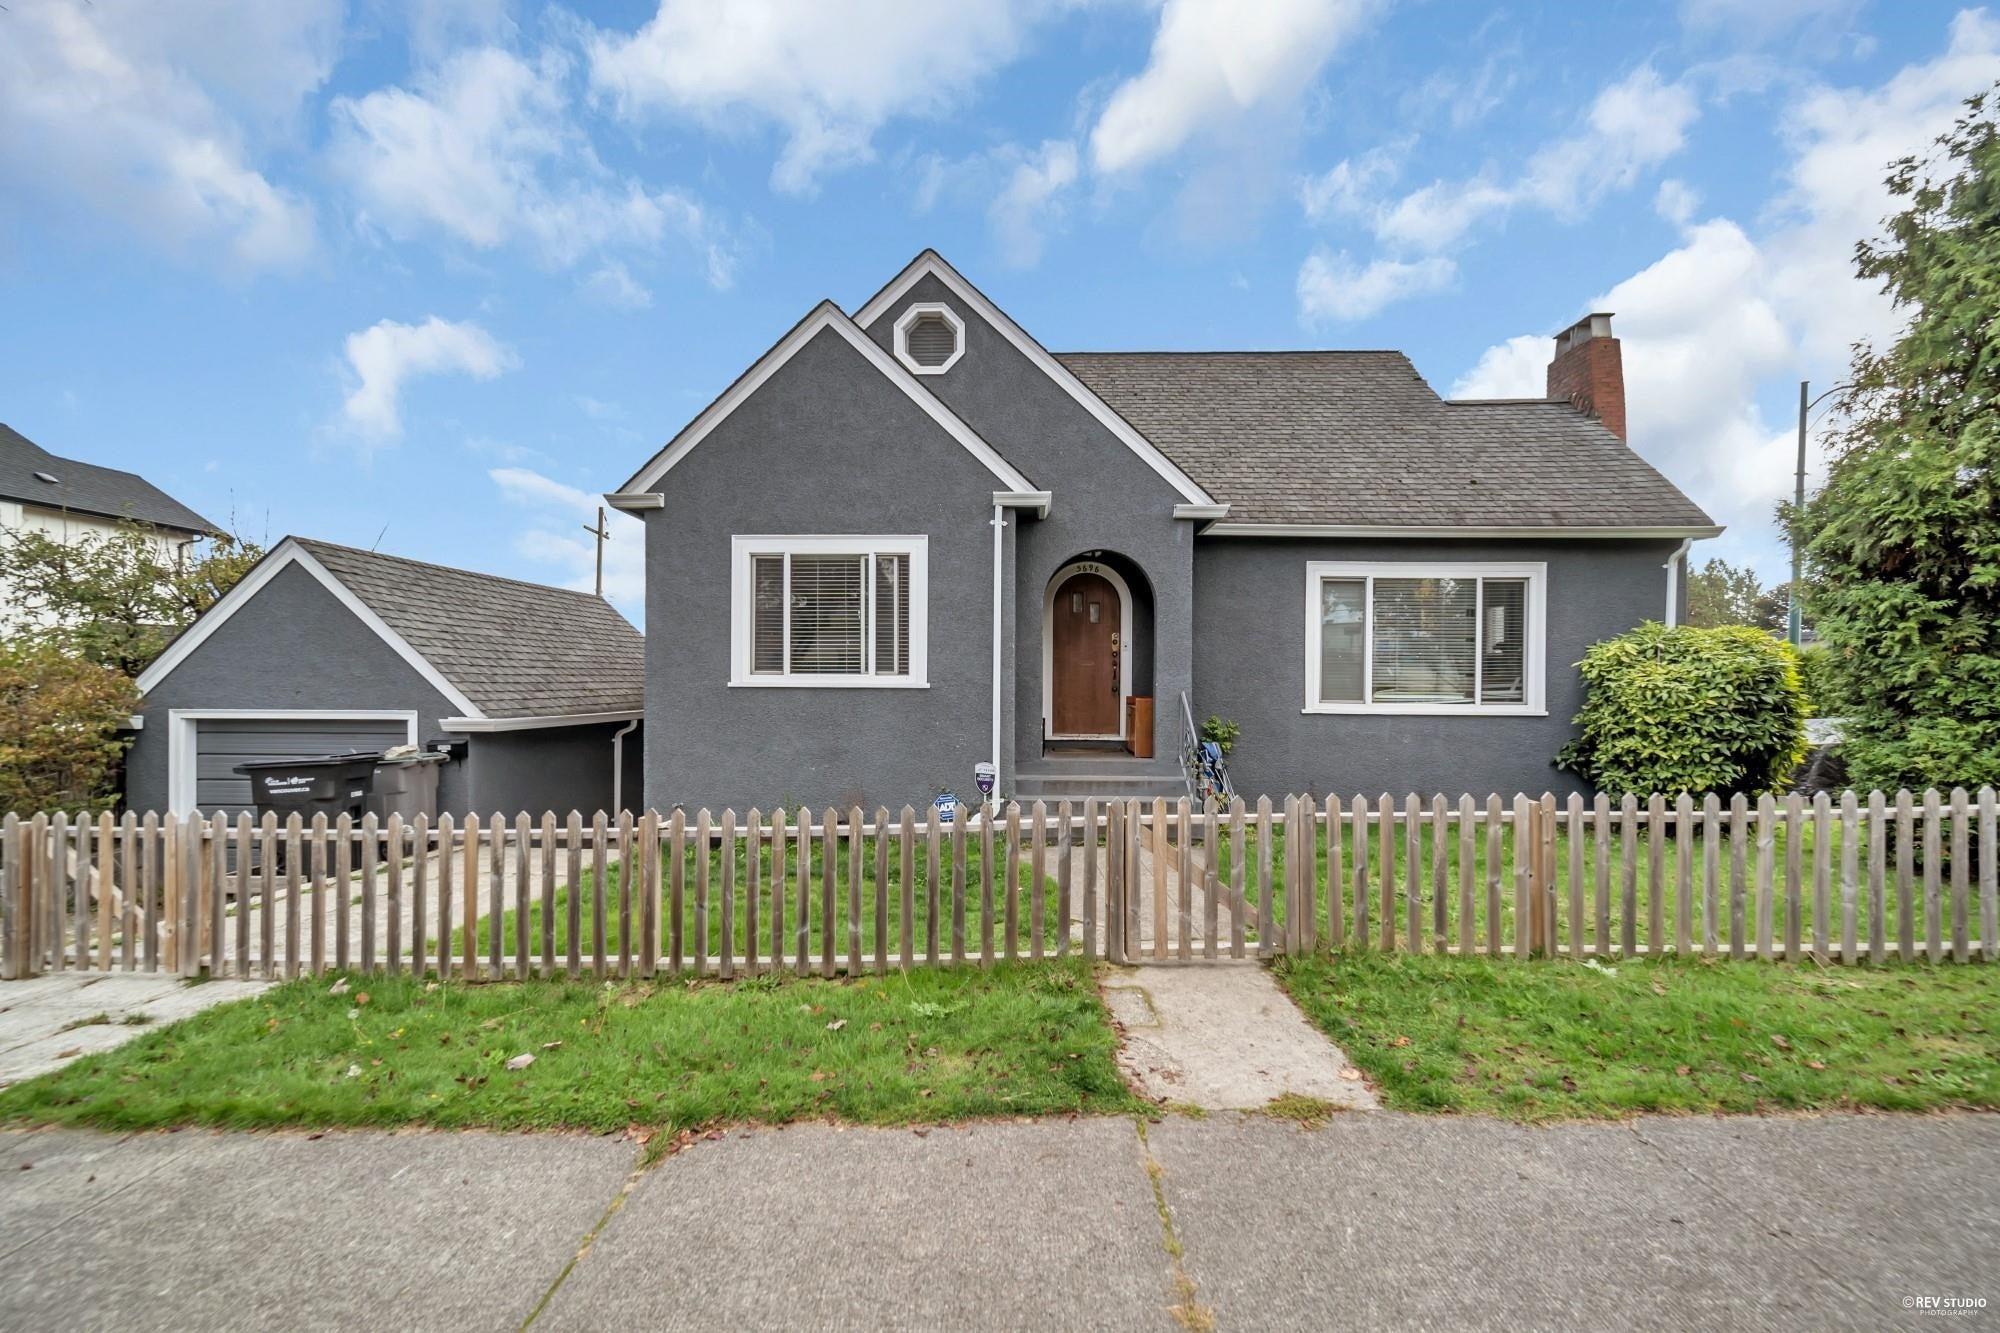 5696 CHESTER STREET - Fraser VE House/Single Family for sale, 7 Bedrooms (R2624107) - #1